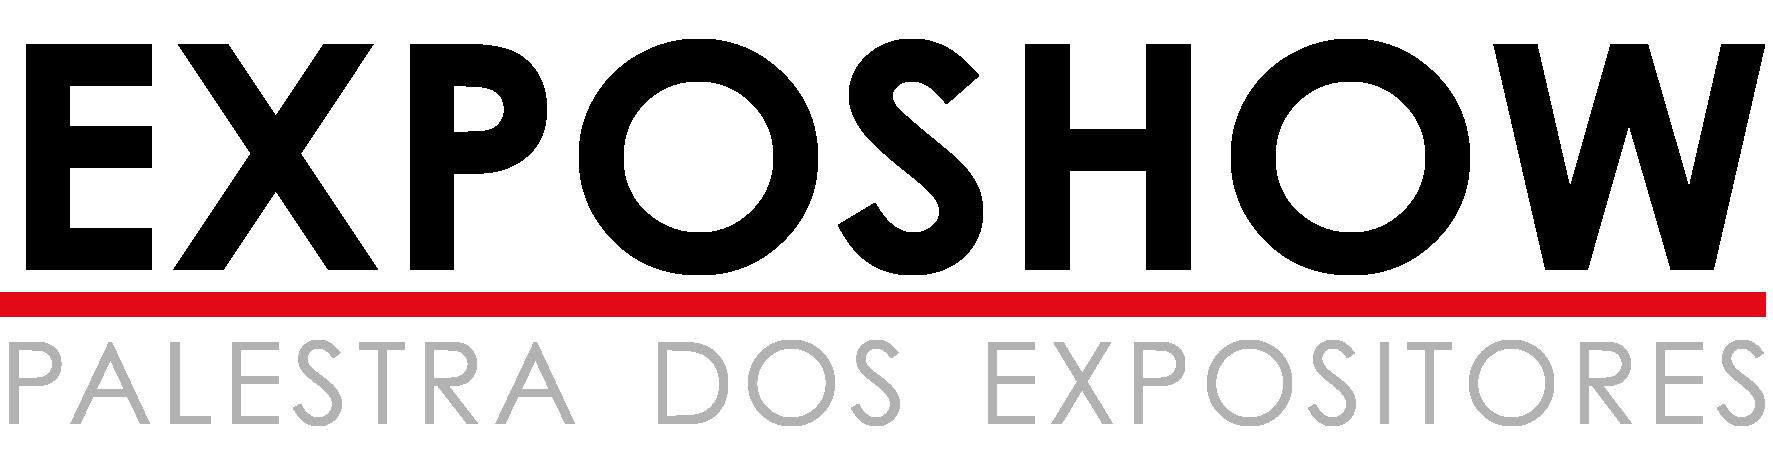 Exposhow